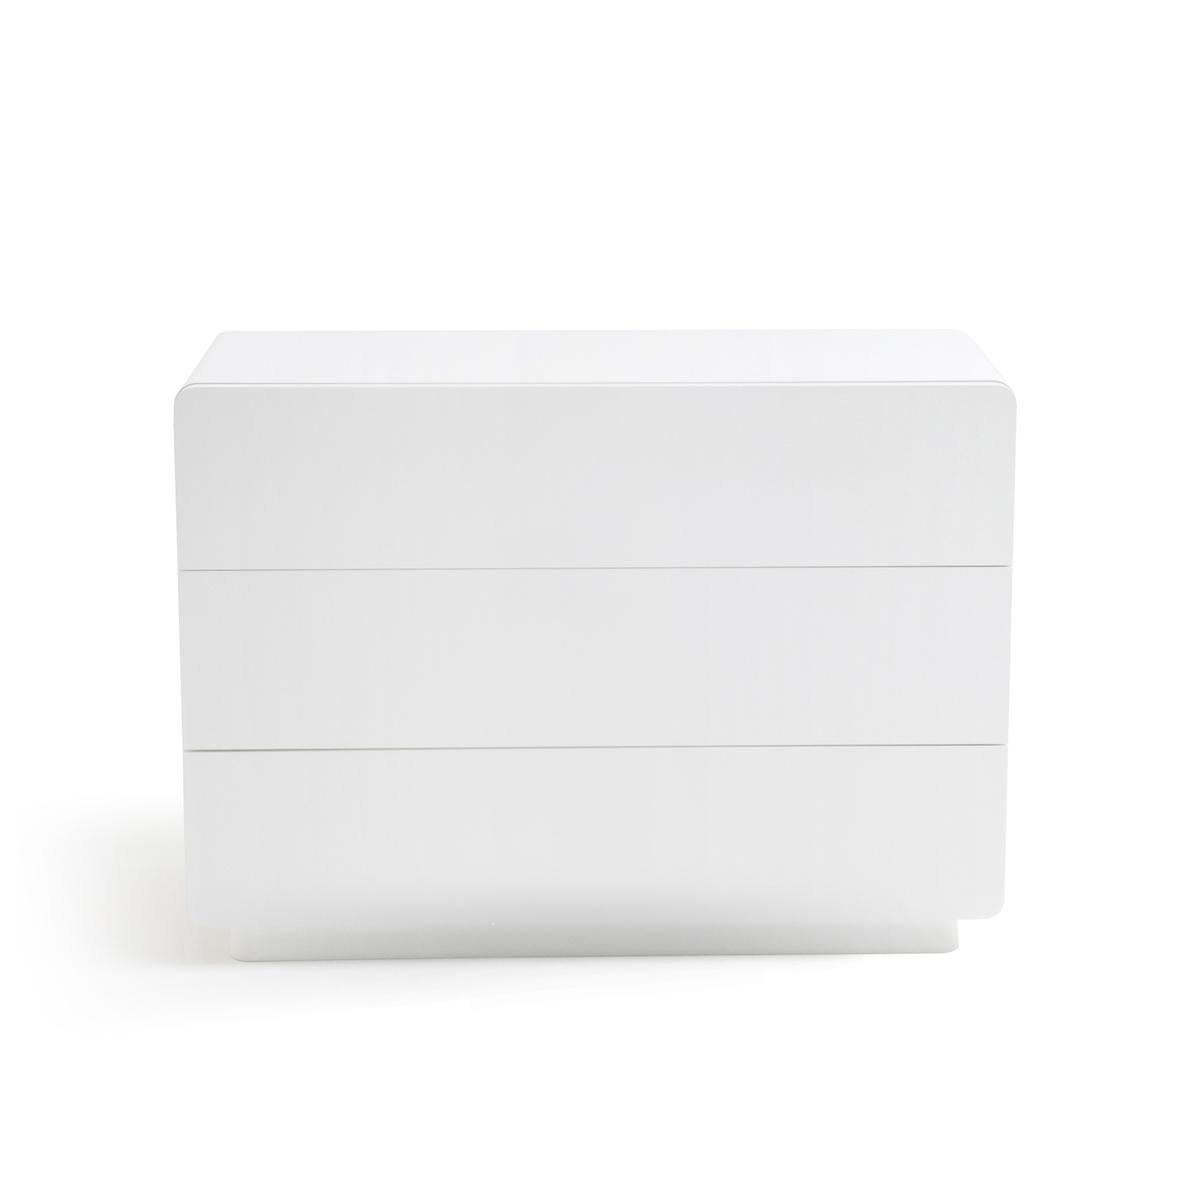 Комод La Redoute С ящиками NEWARK единый размер белый комод la redoute с ящиками trianon единый размер белый